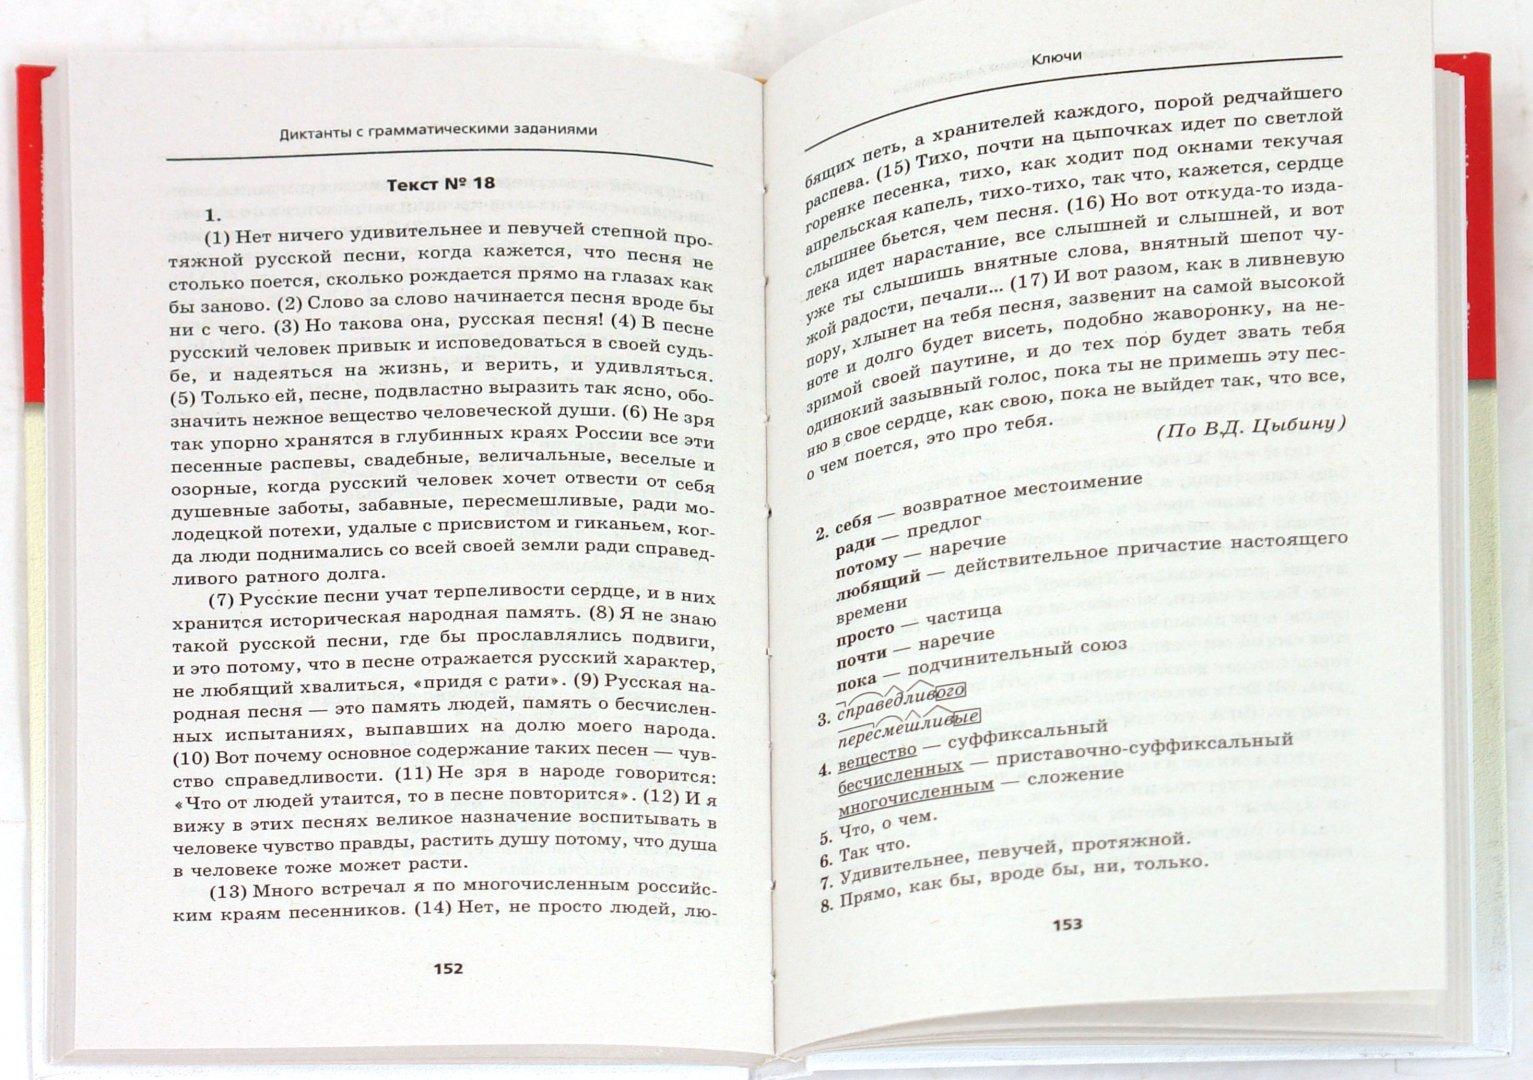 Иллюстрация 1 из 7 для Диктанты с грамматическими заданиями - Гайбарян, Кузнецова   Лабиринт - книги. Источник: Лабиринт